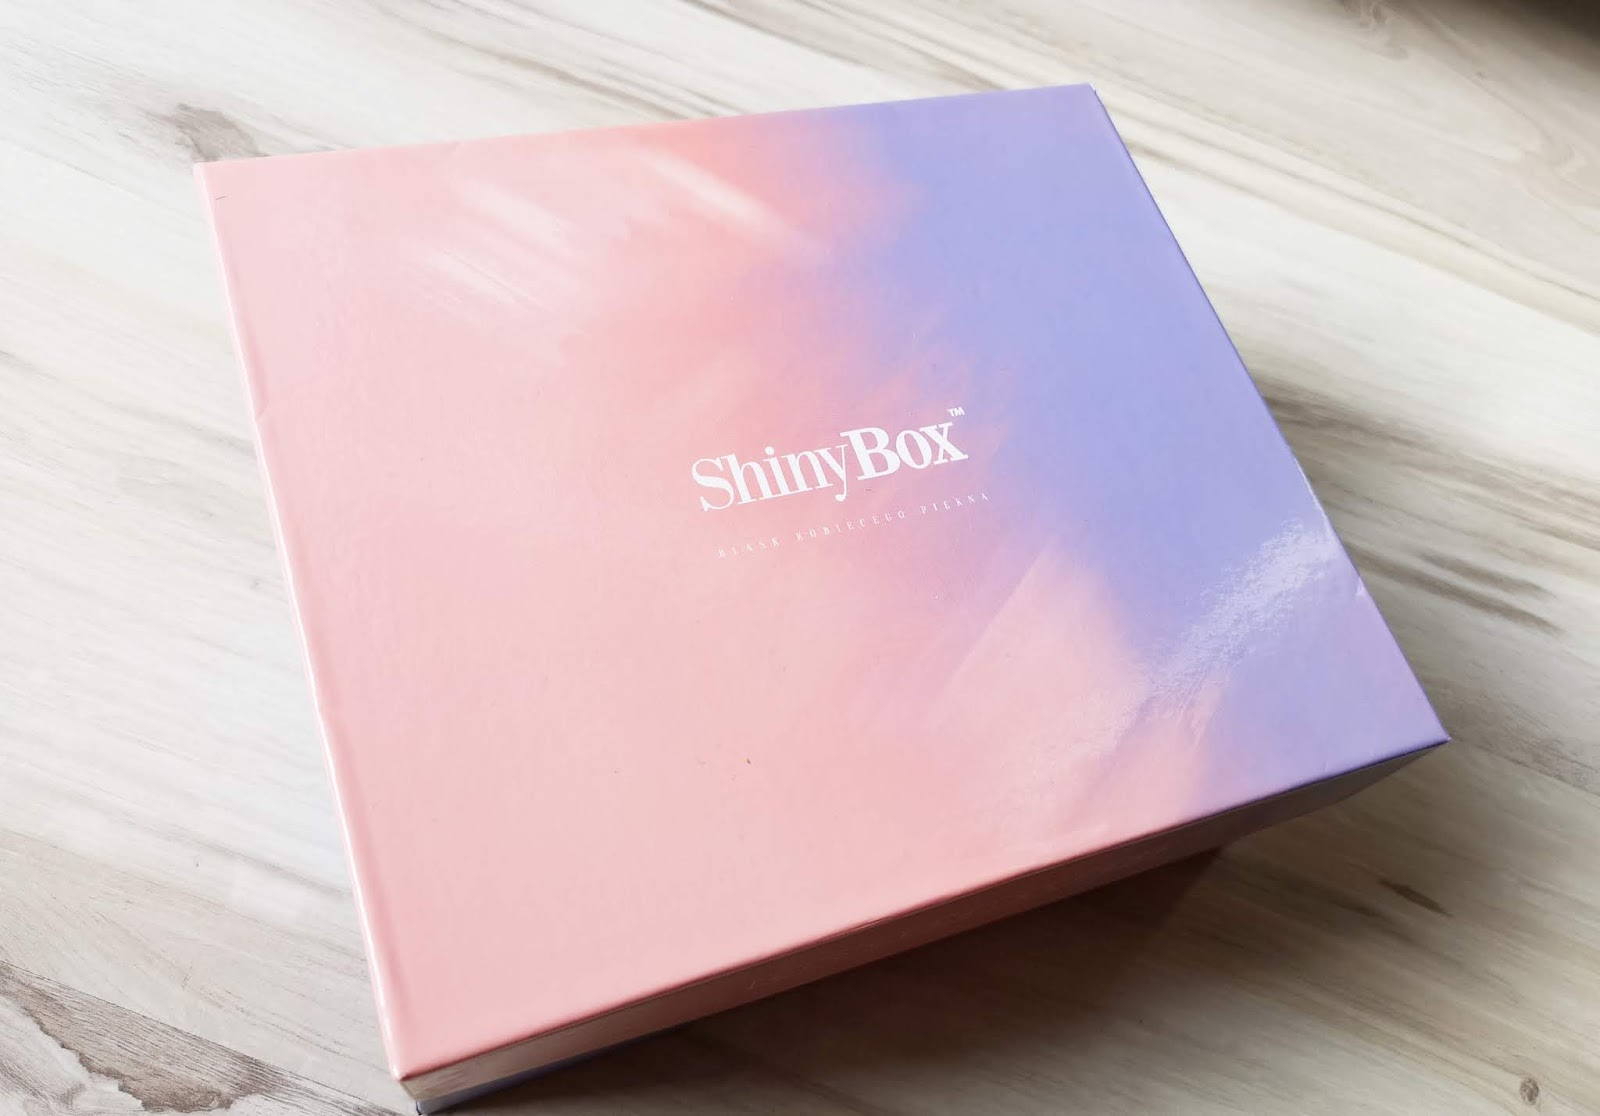 PAŹDZIERNIKOWE THINK PINK Z SHINY BOX